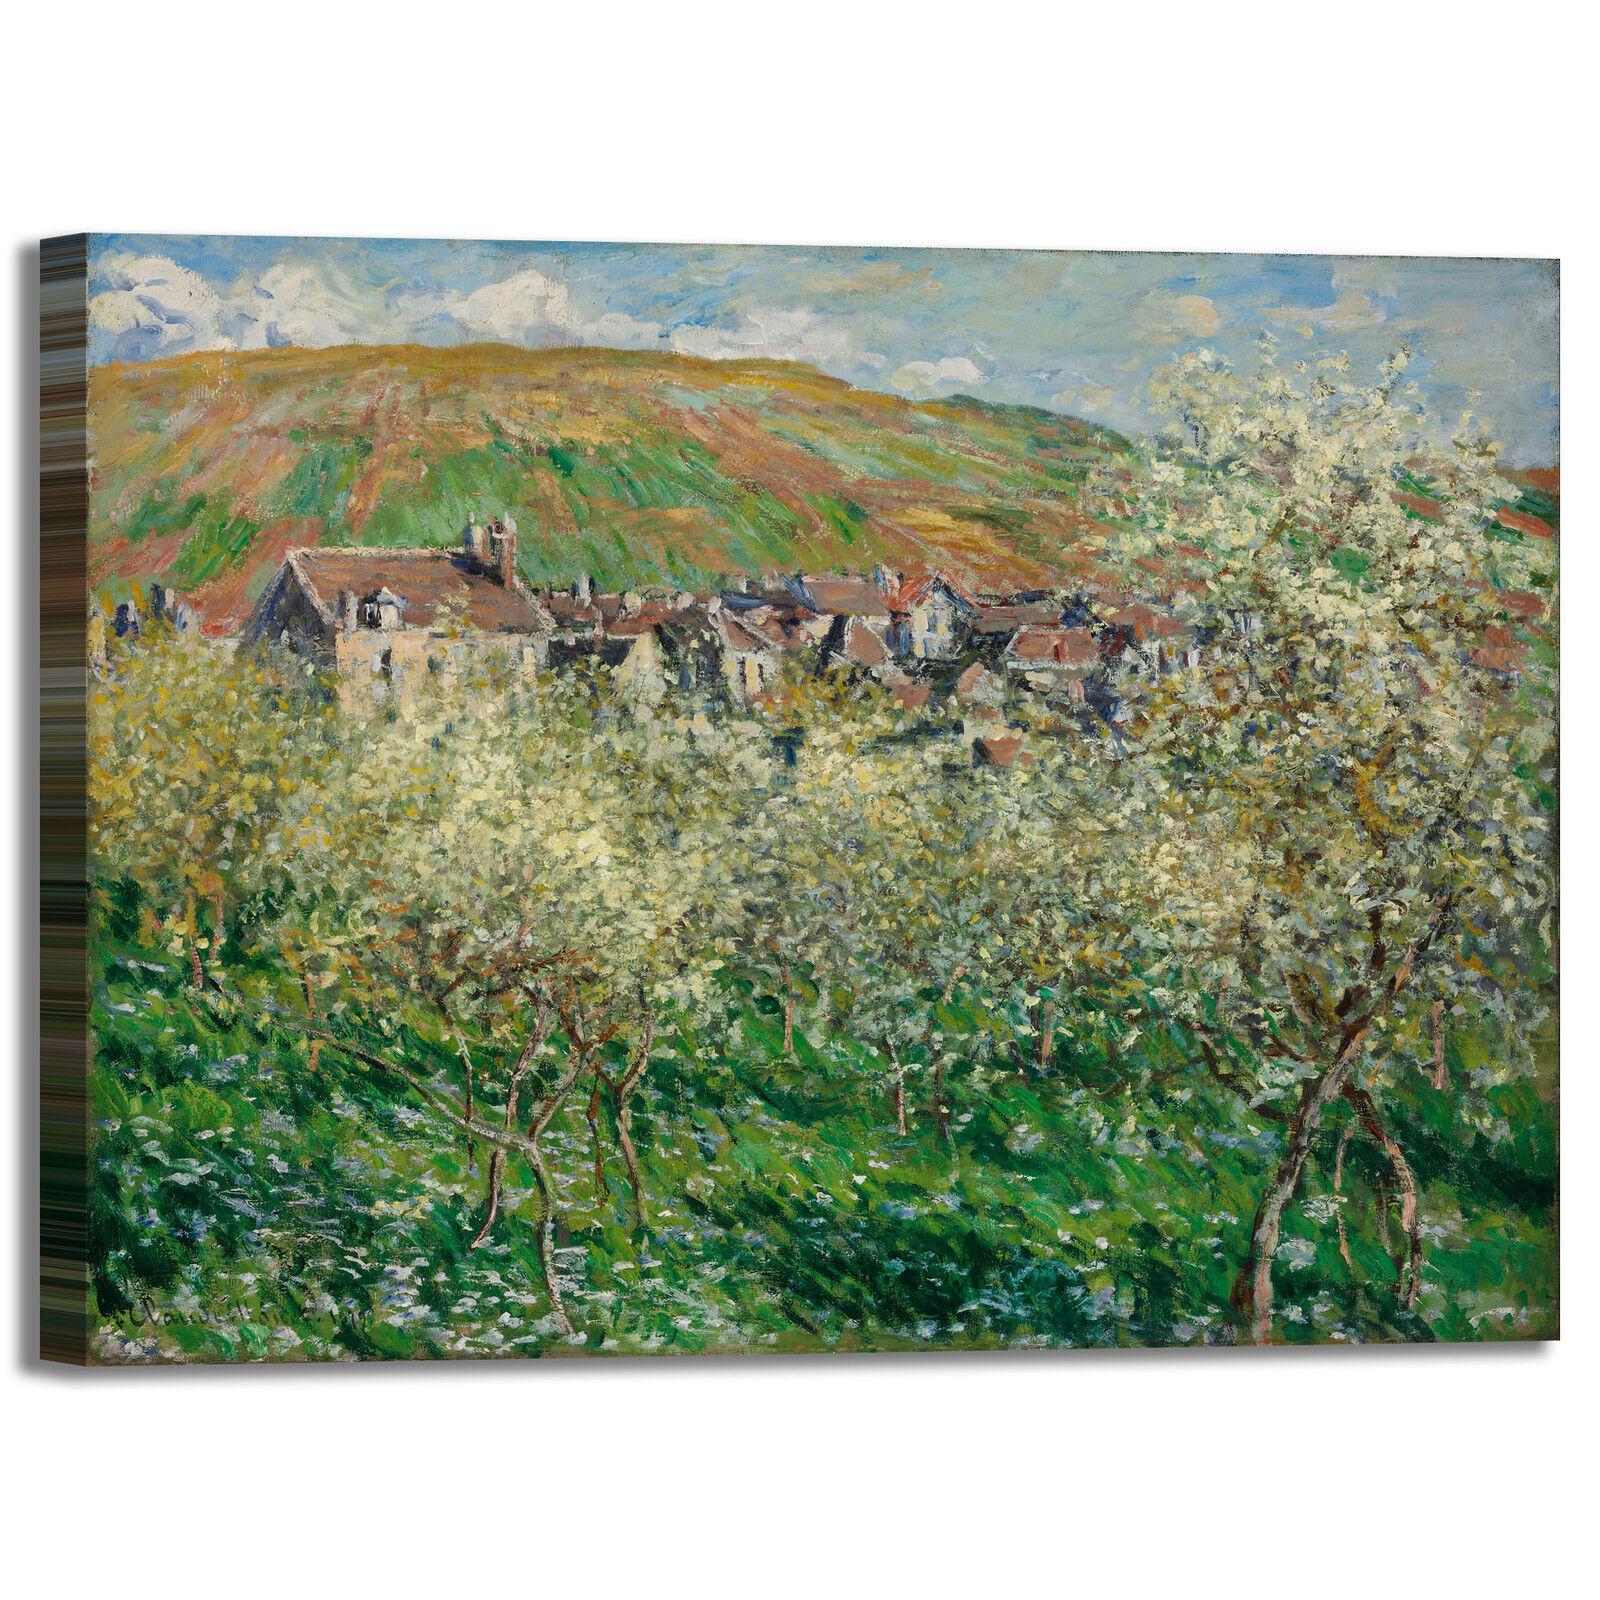 Monet fioritura susini design quadro stampa tela dipinto telaio arroto casa